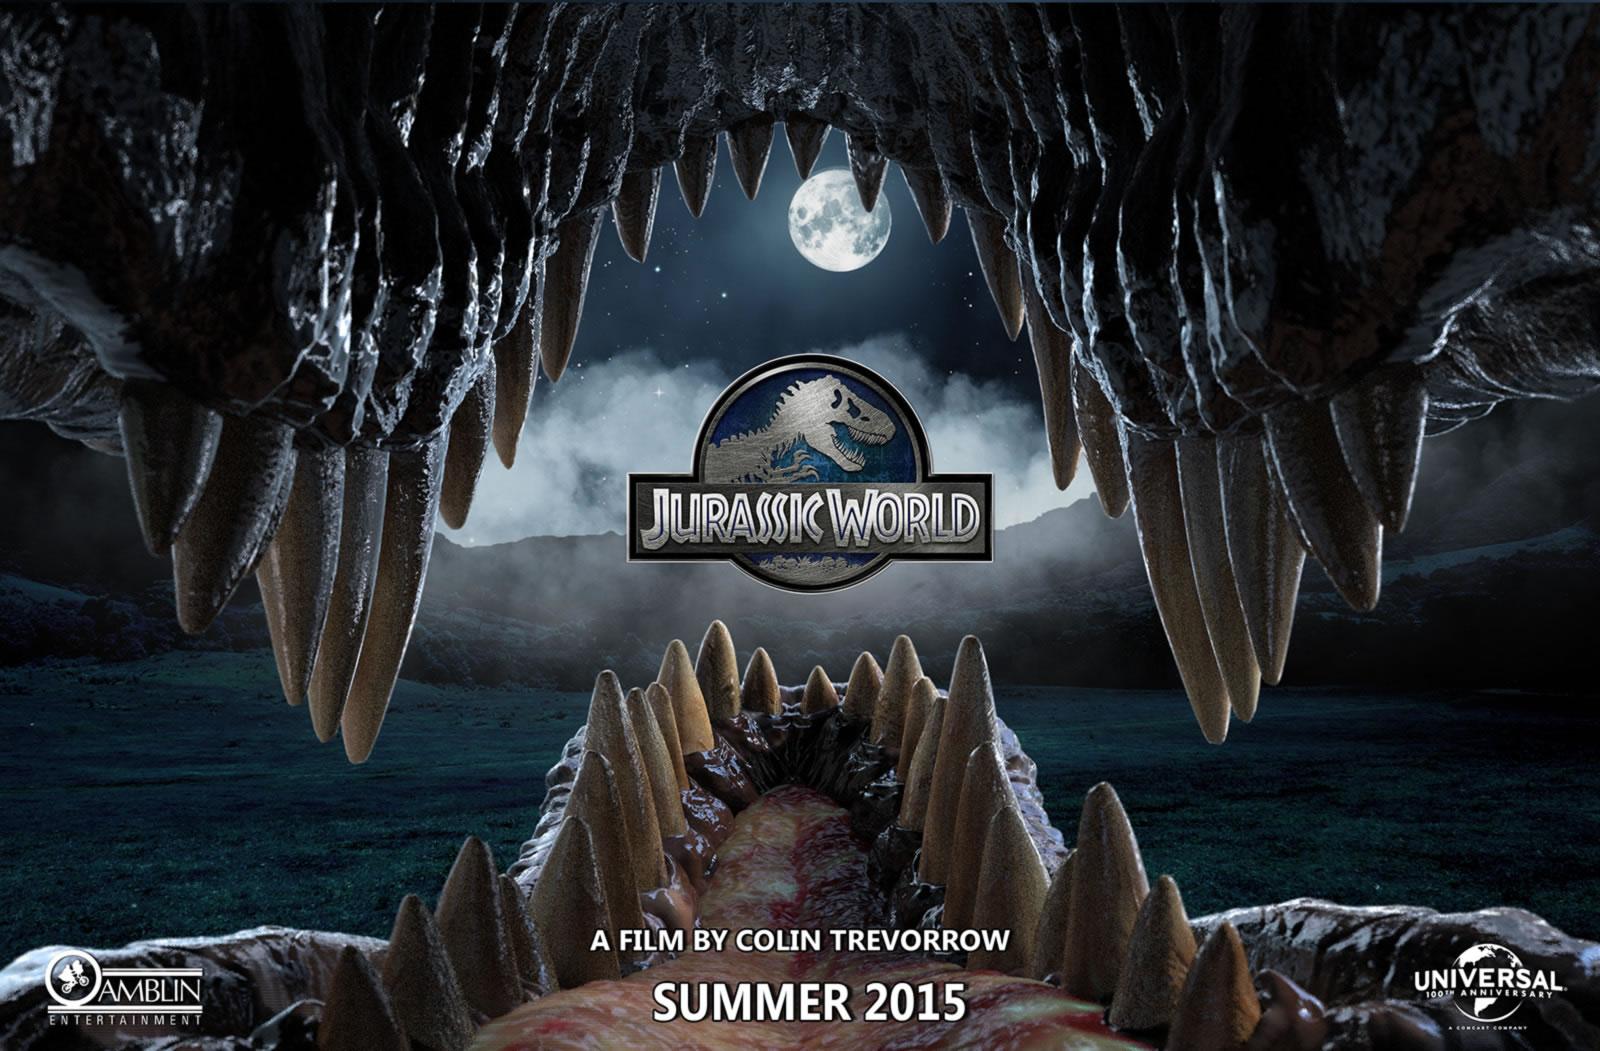 电影《侏罗纪世界》里大部分恐龙不属于侏罗纪